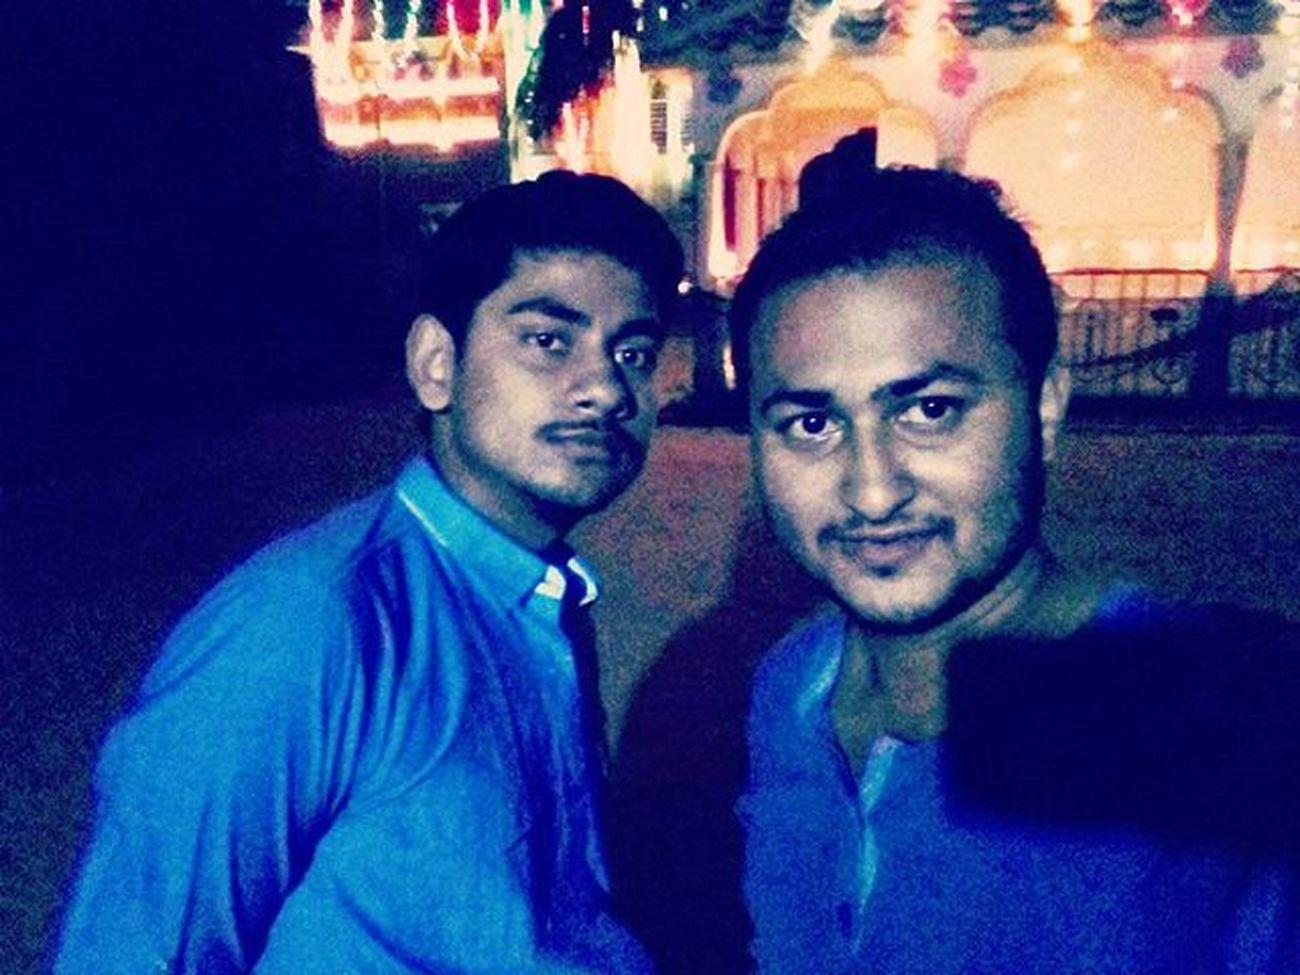 Diwali2015 Diwalinight Selfietogether Instabroselfie . ☺☺☺☺☺